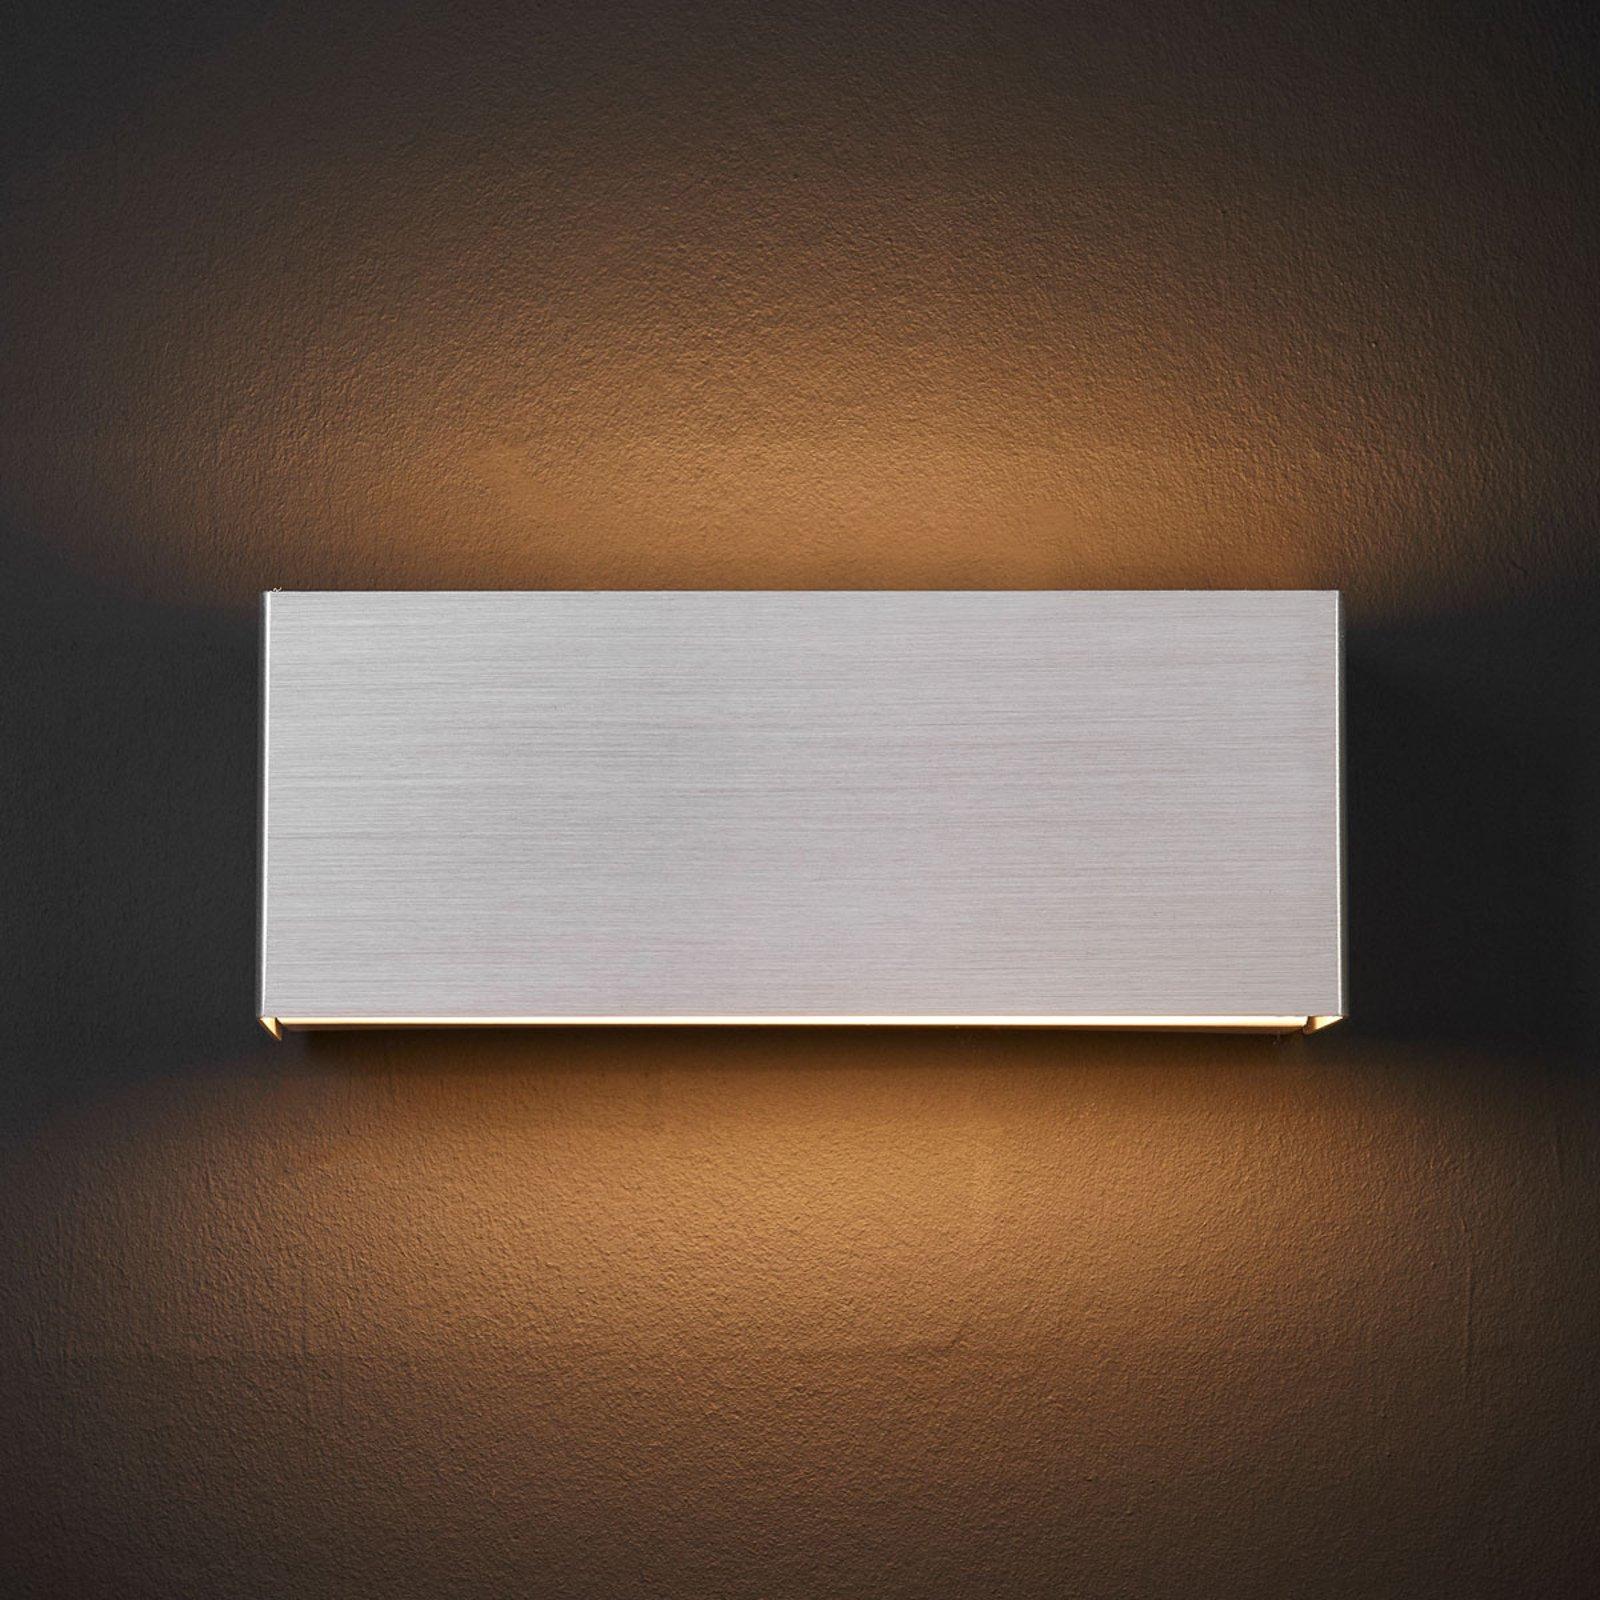 LED-vegglampe Kimberly, 23x9cm, aluminium